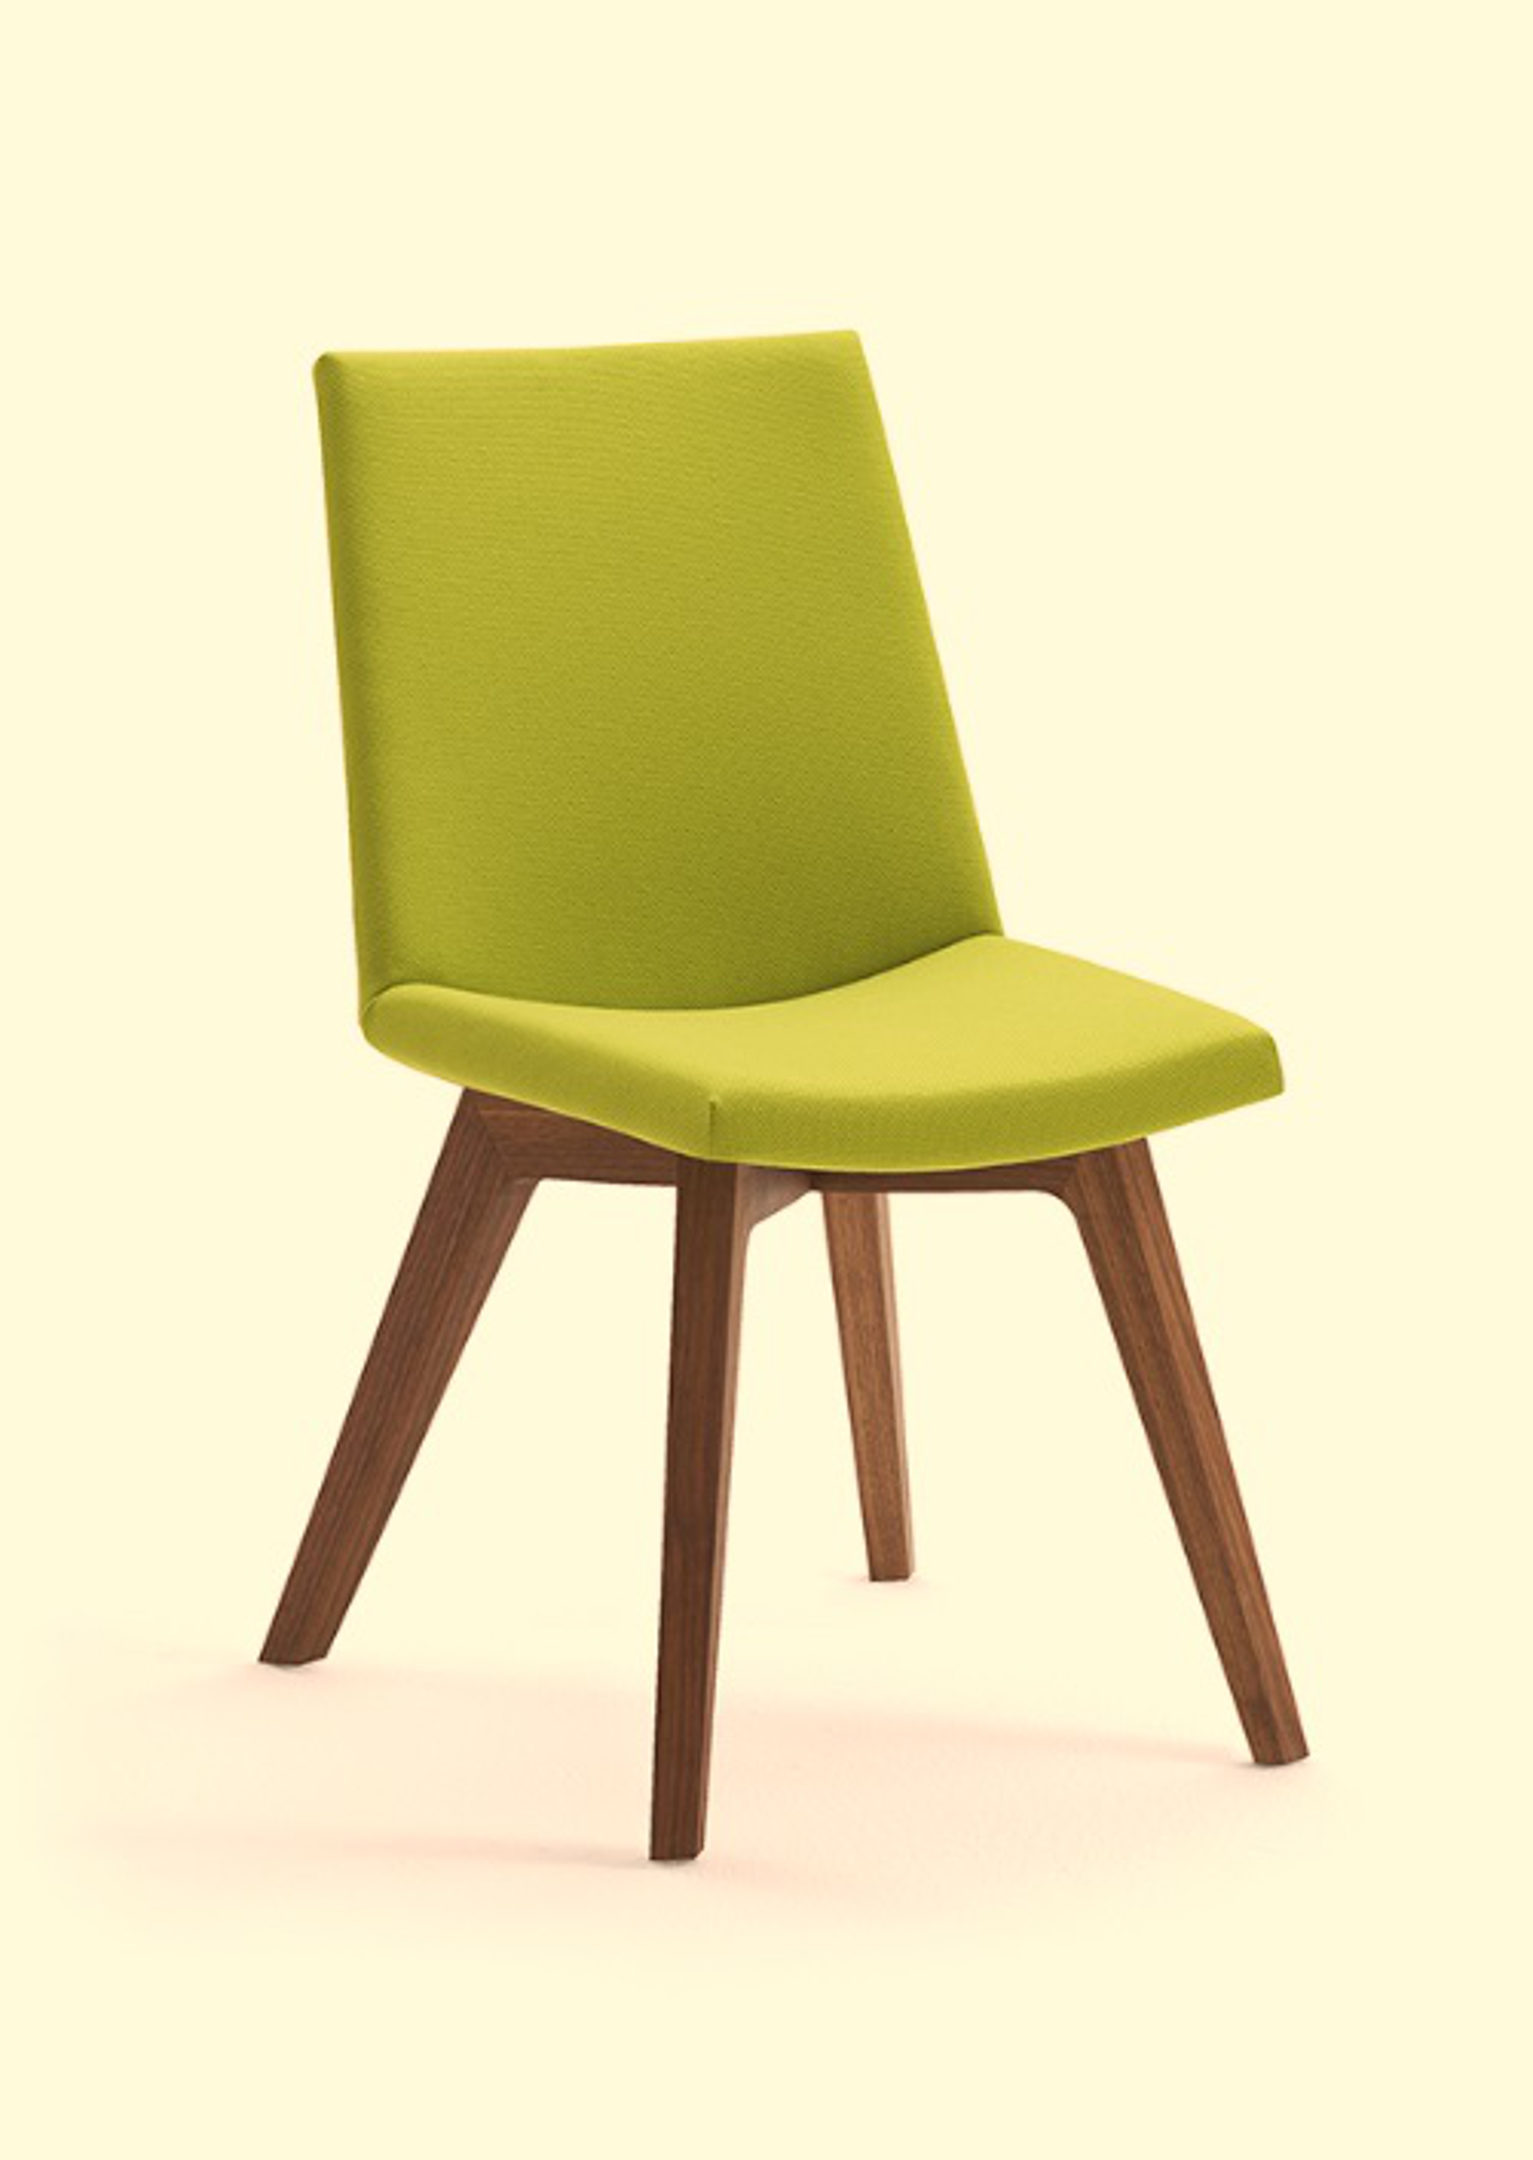 Astounding Stuhl Esszimmer Leder Best Choice Of Basisprodukt Venjakob Luisa 2591 C